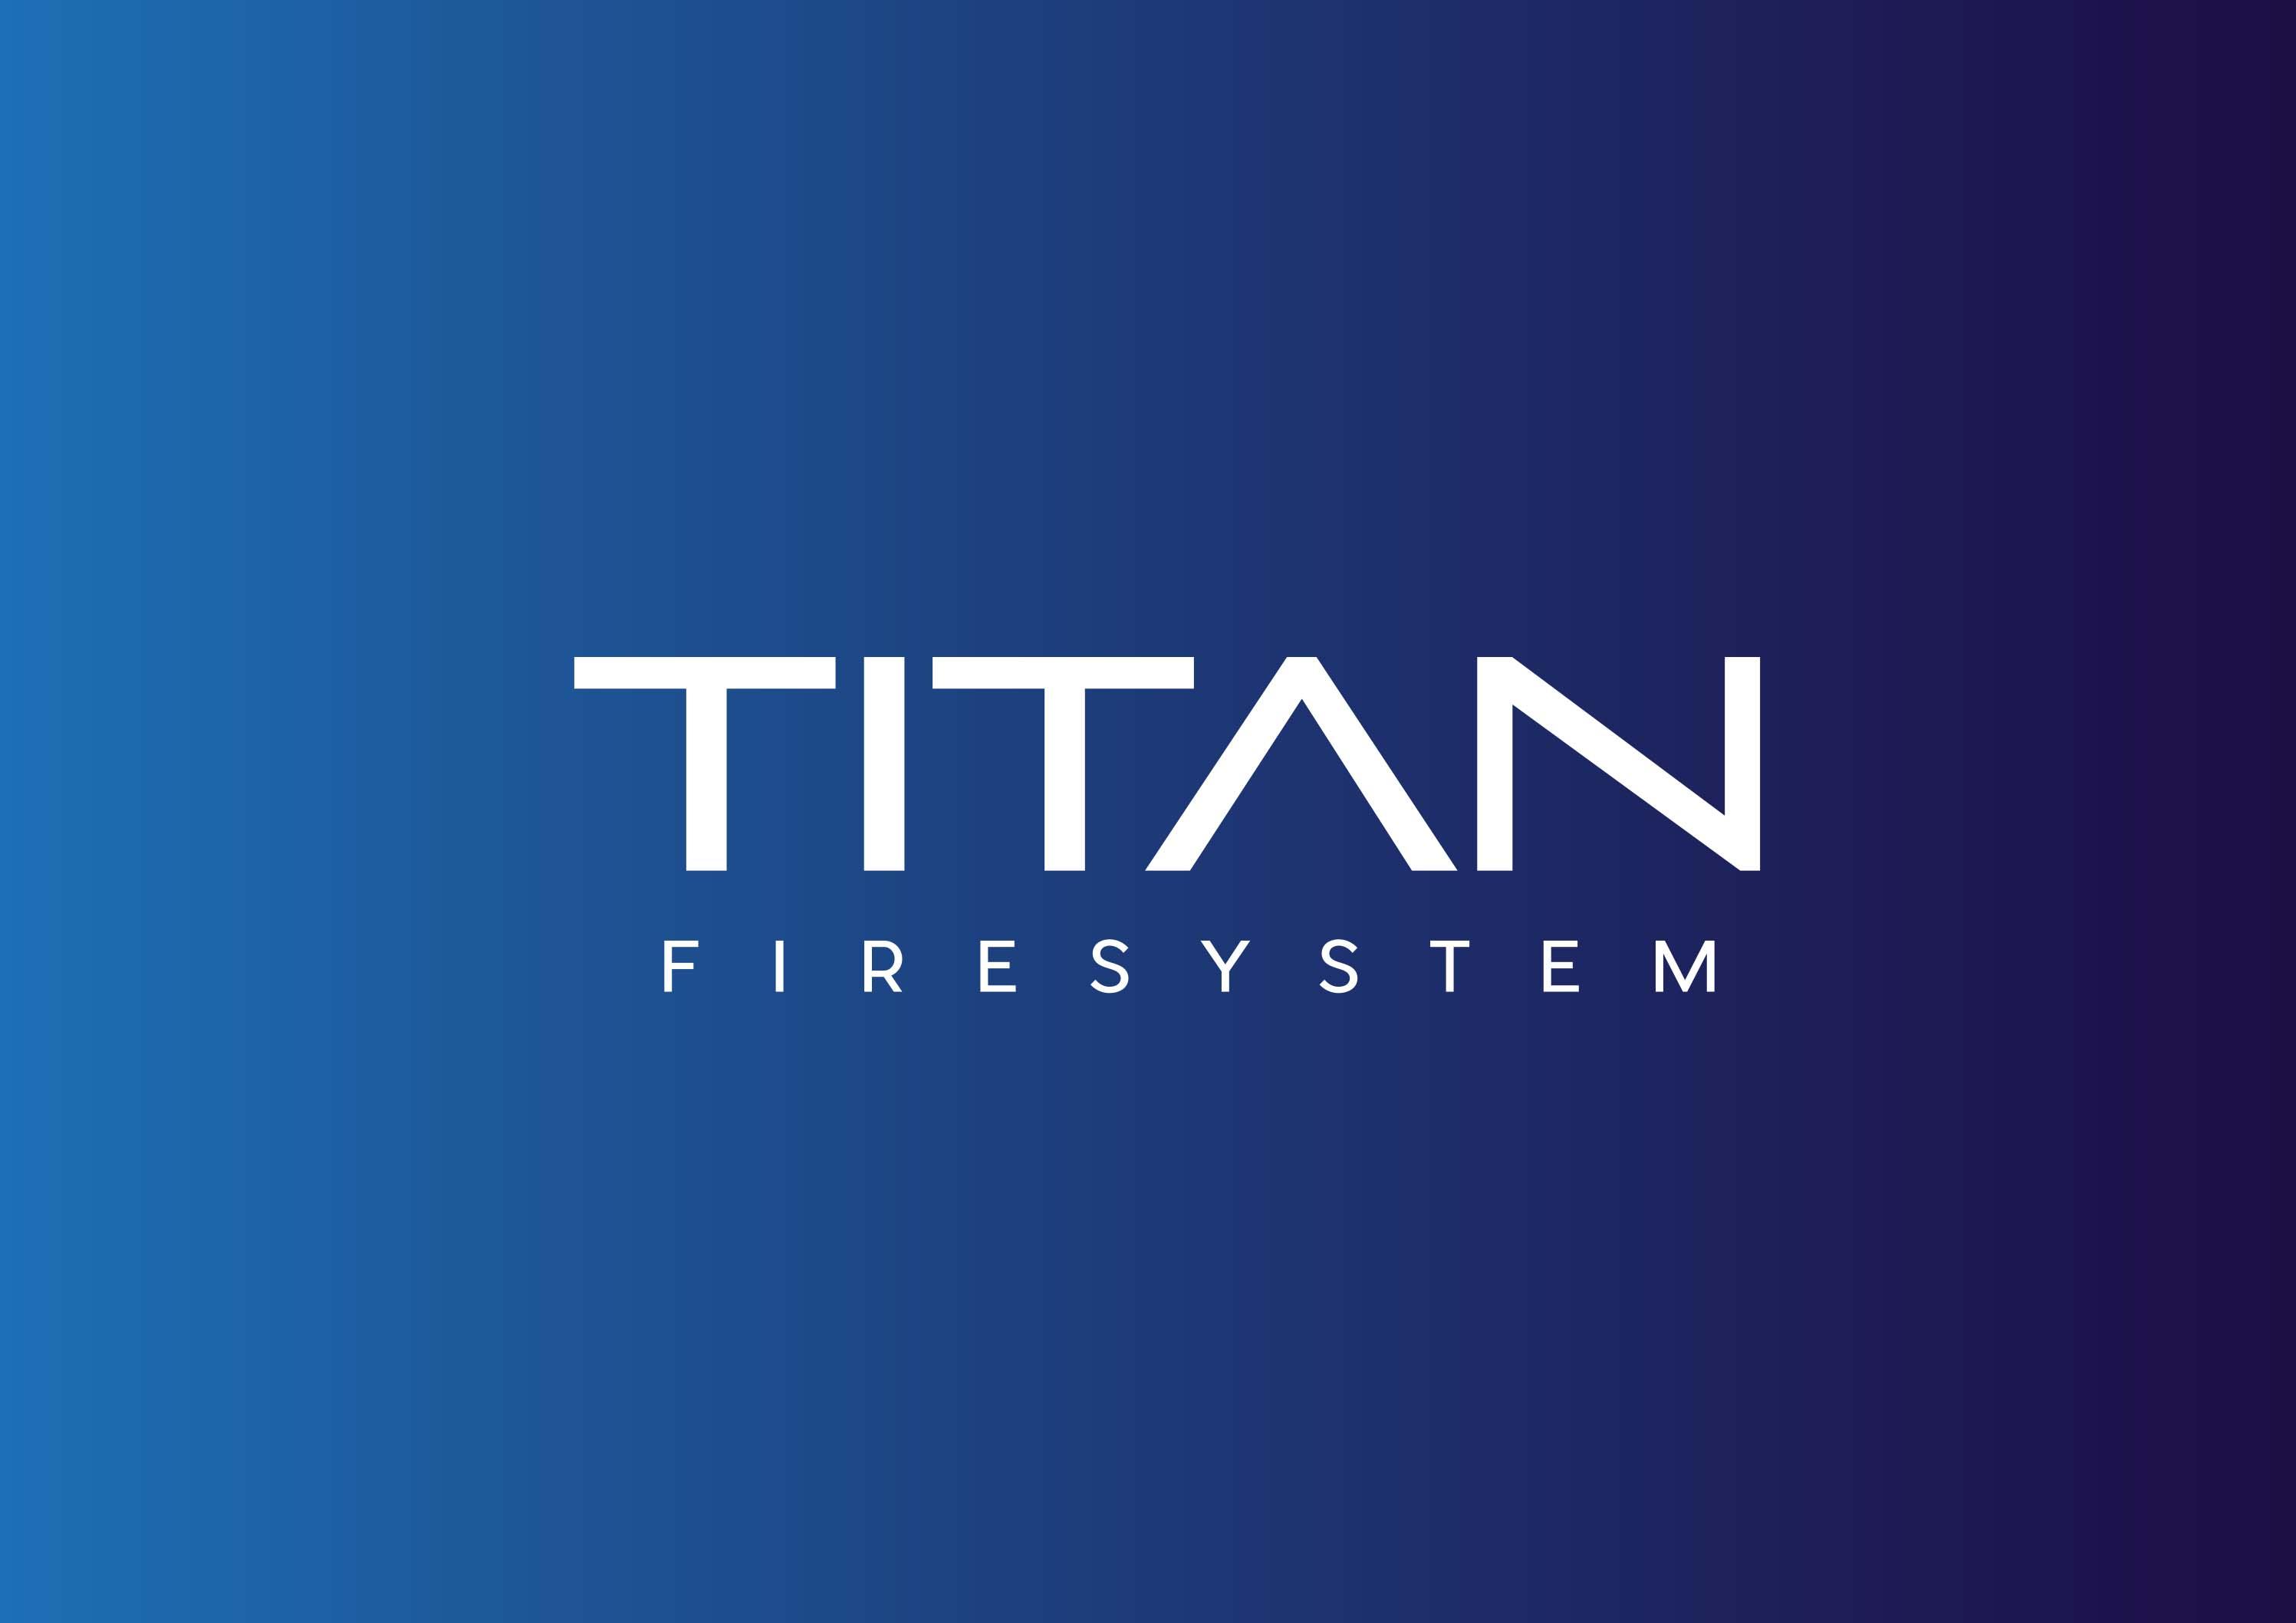 Imagen corporativa y aplicaciones Titan Fire System - Gráfico